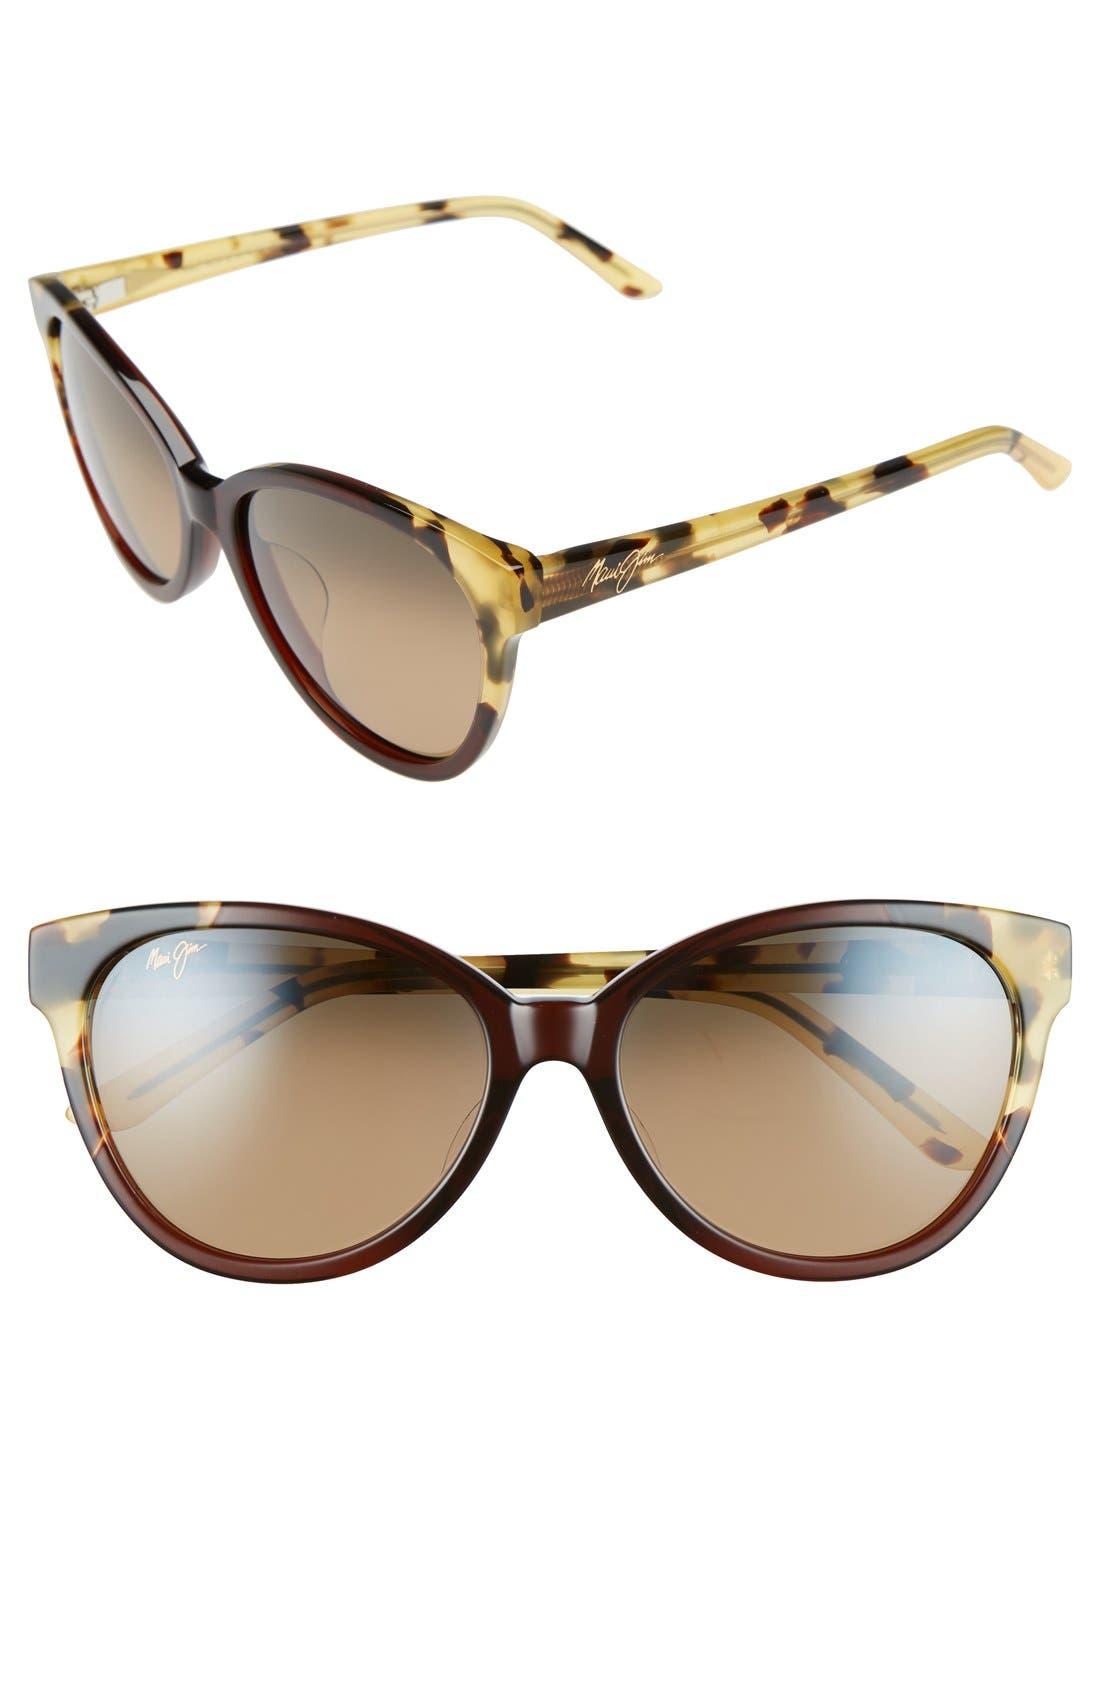 Maui Jim Sunshine 5m Polarizedplus2 Sunglasses -